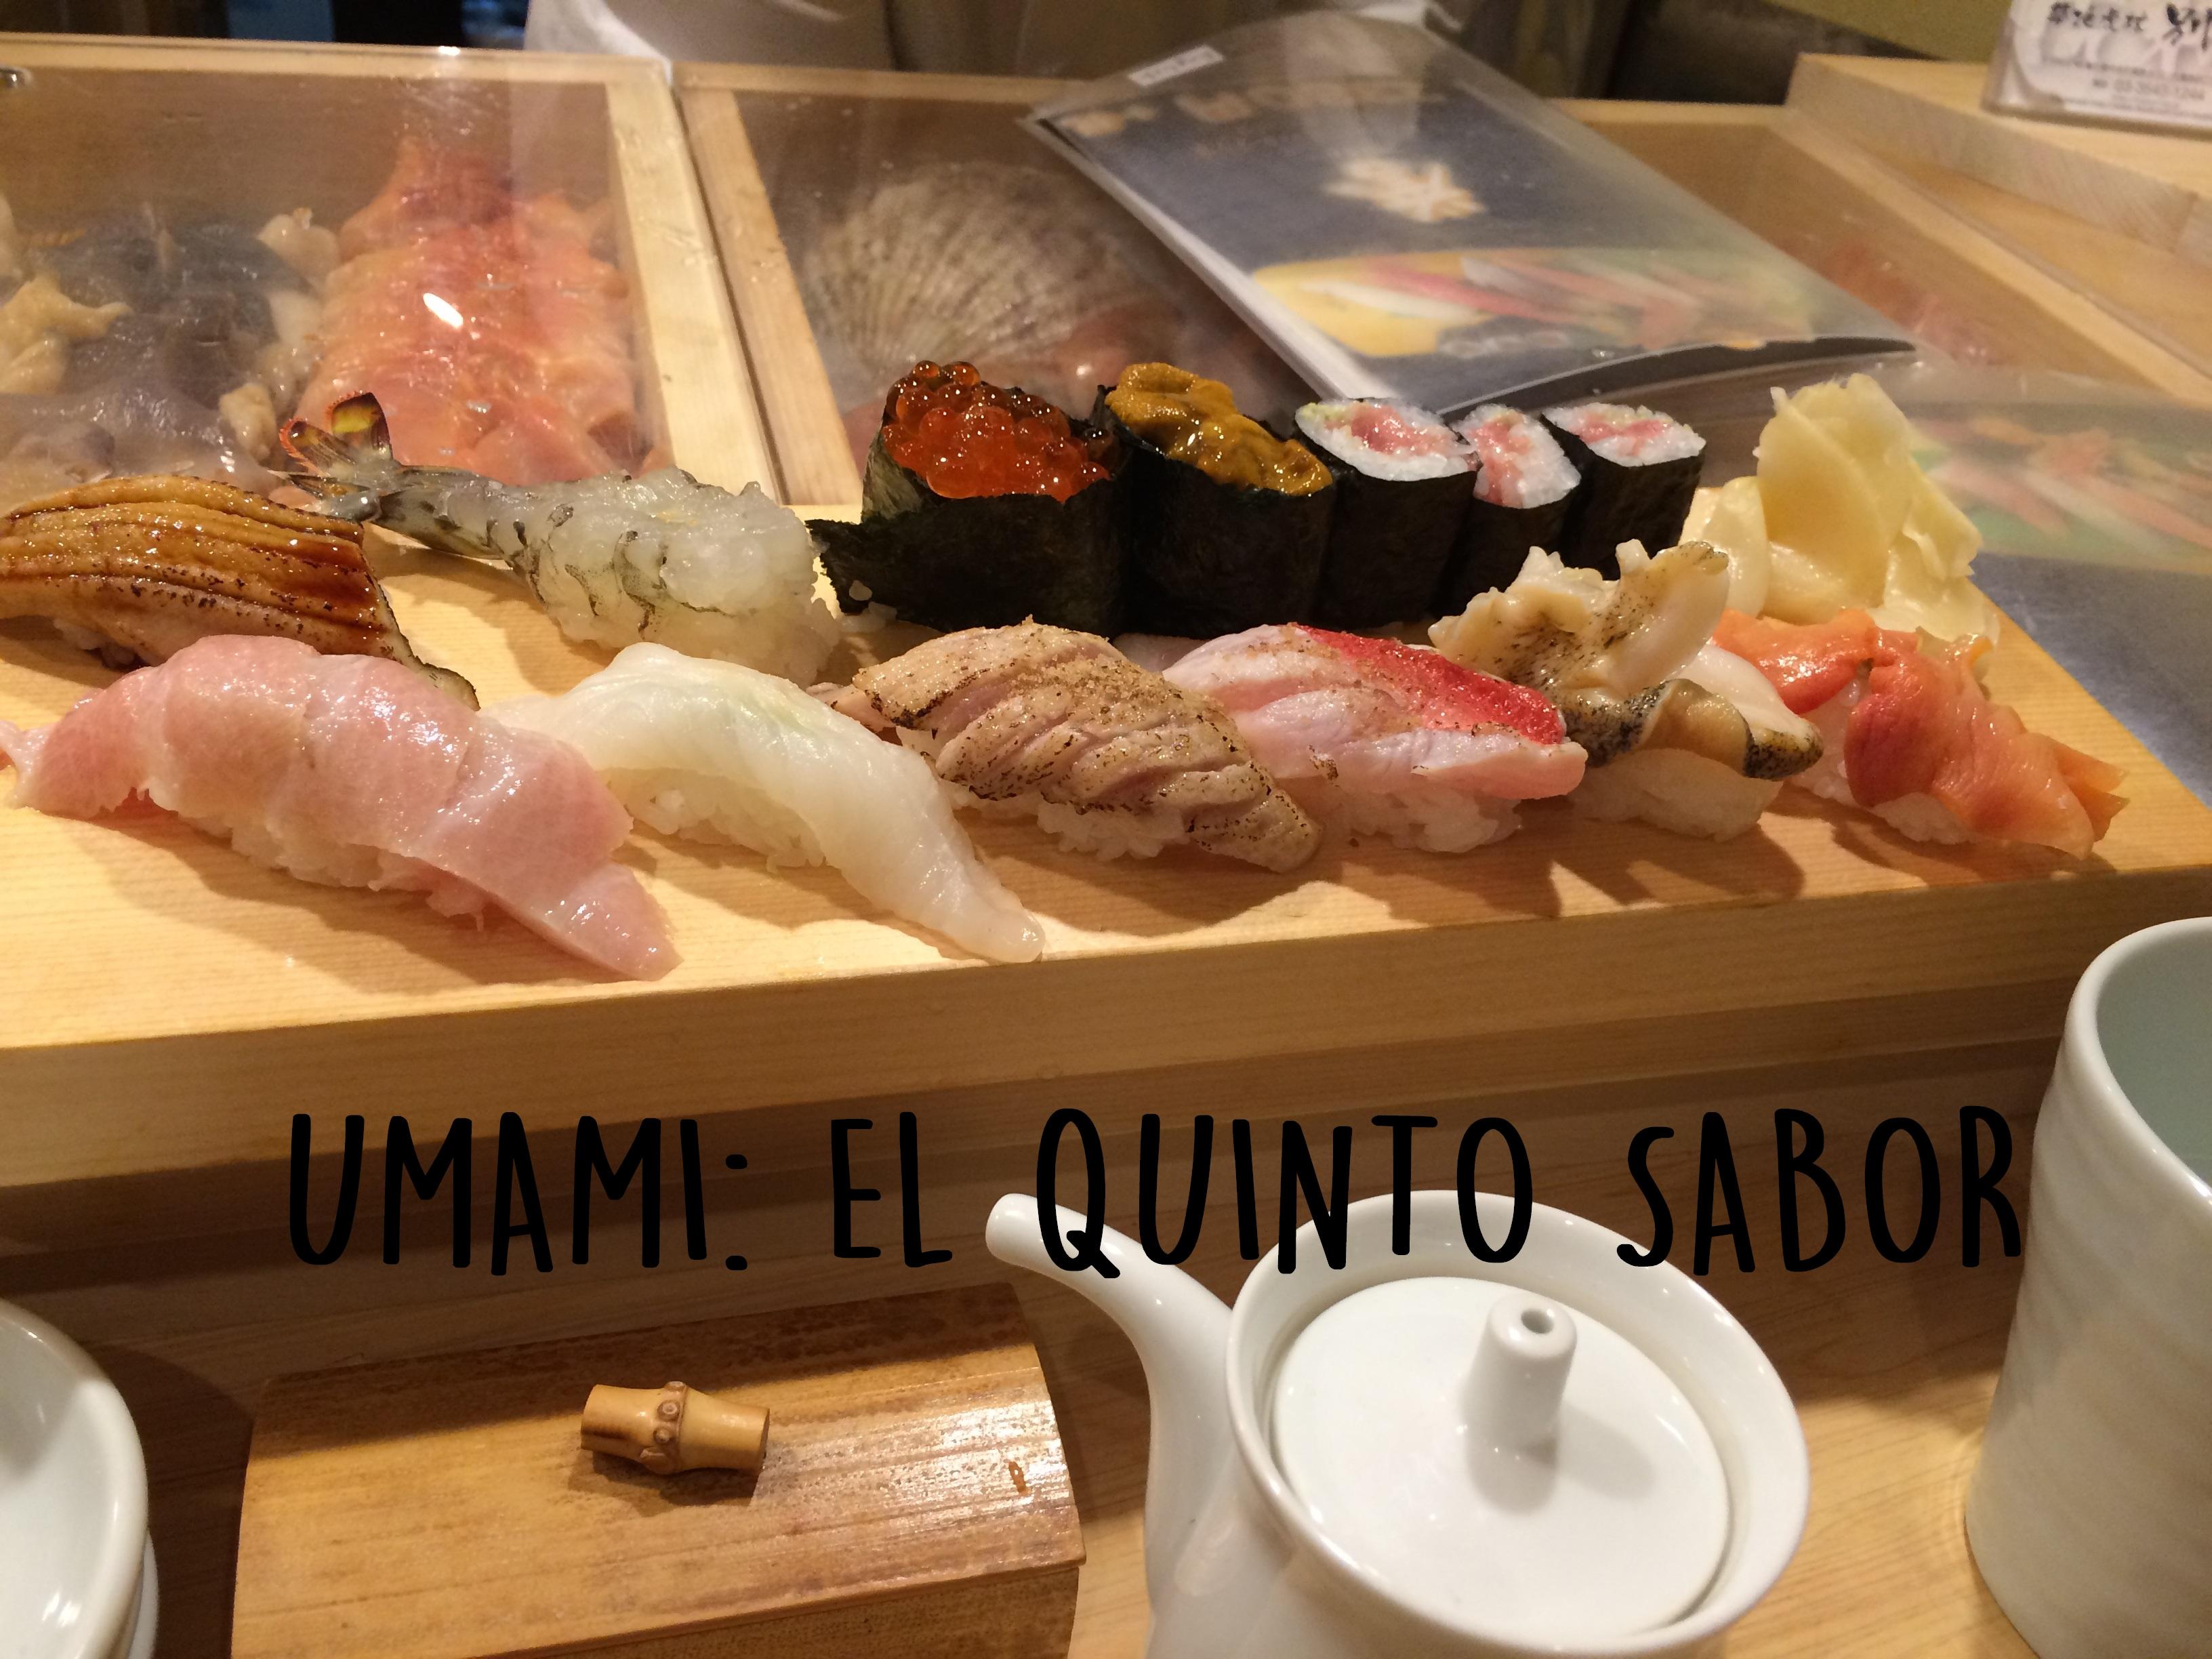 Umami: el quinto sabor